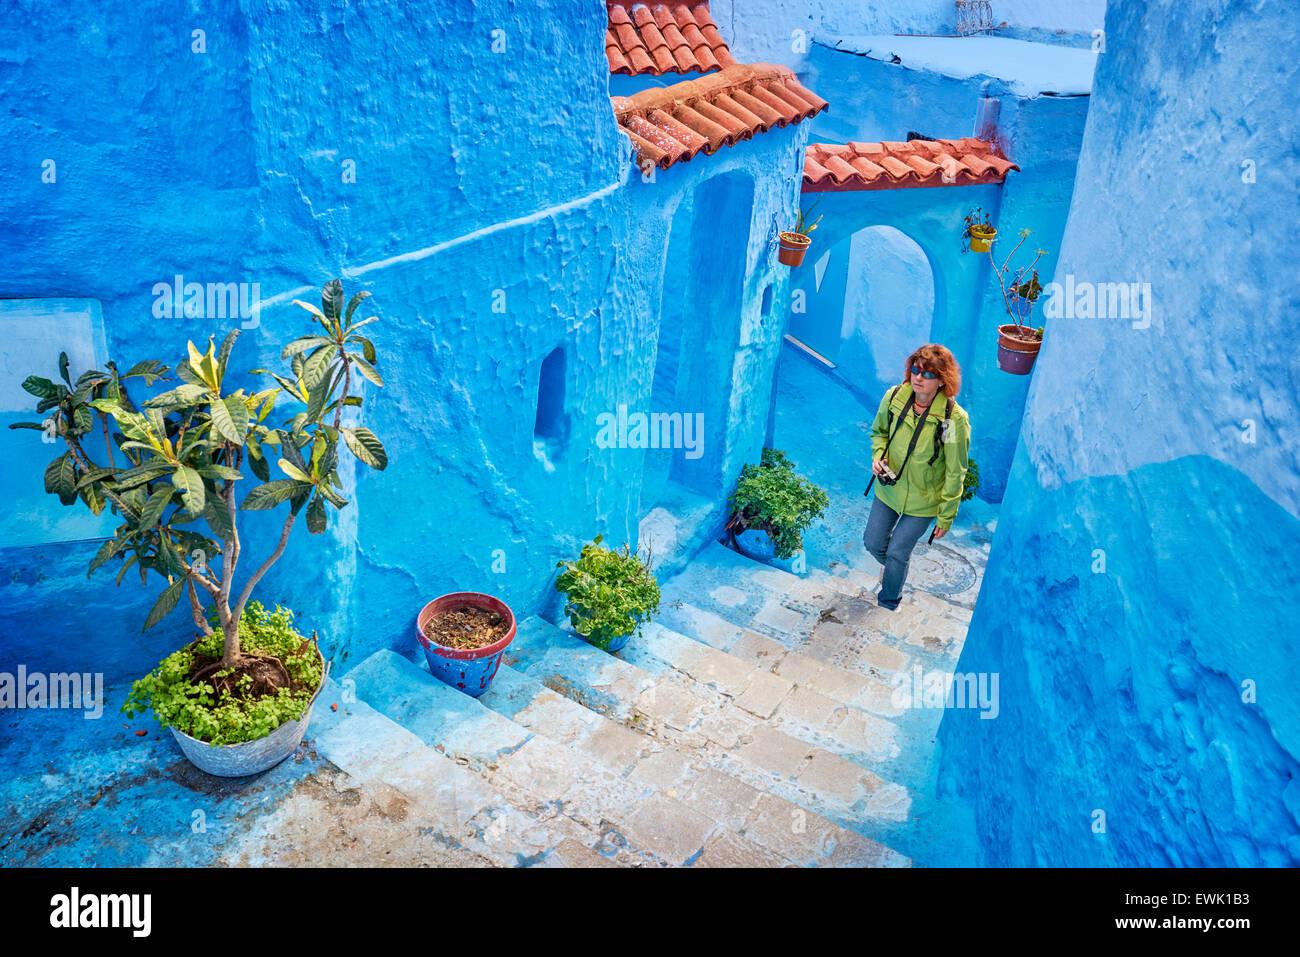 Blau gestrichene Wände in alte Medina von Chefchaouen, Marokko, Afrika Stockfoto